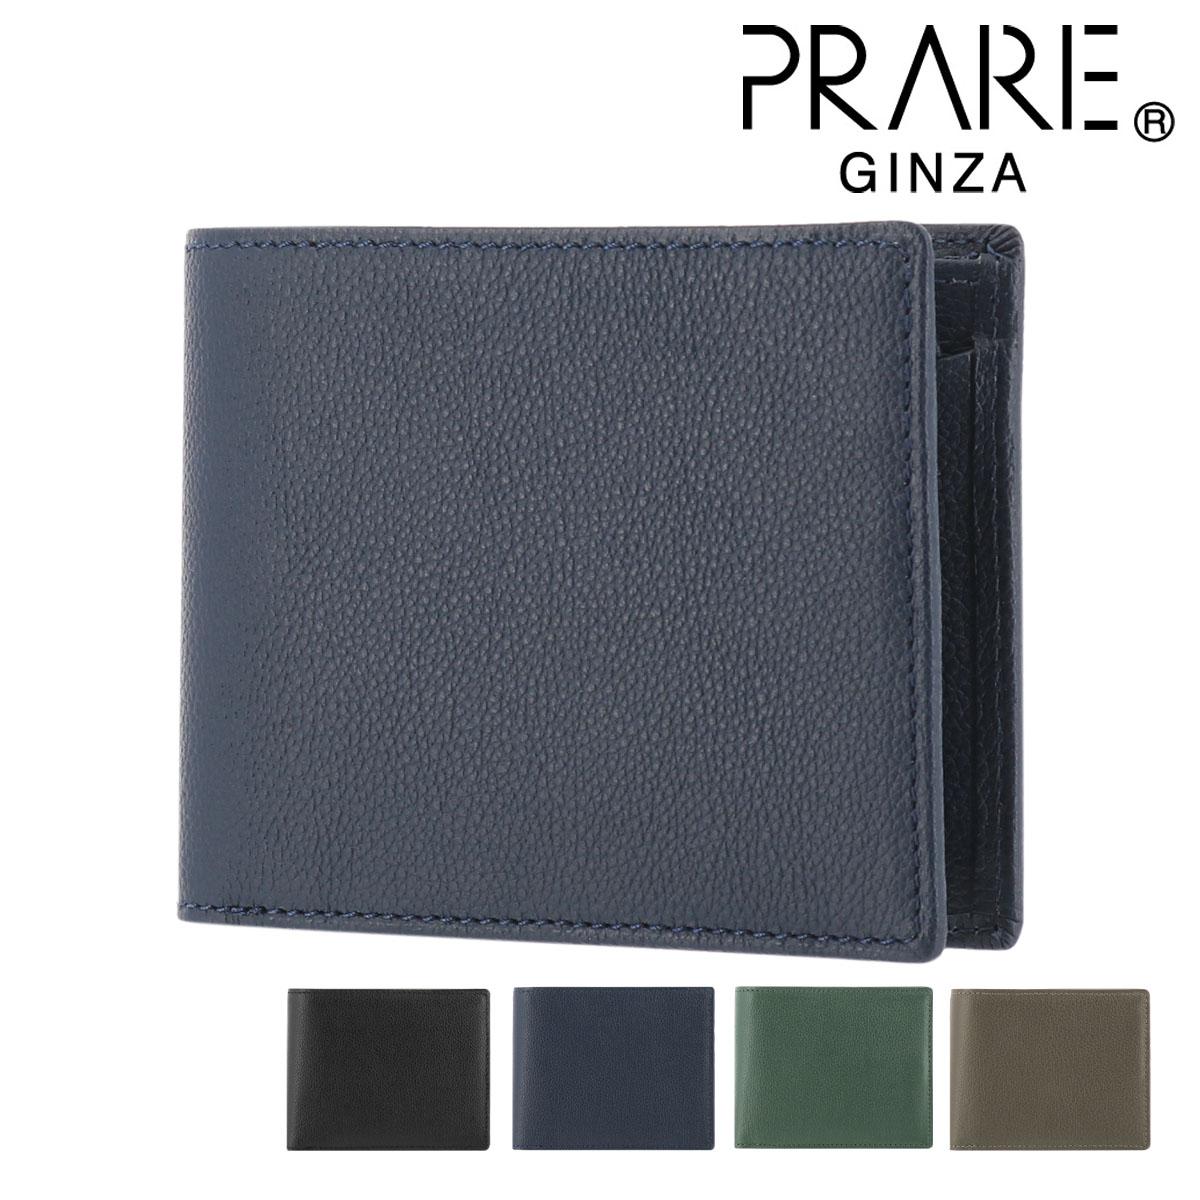 プレリーギンザ 二つ折り財布 メンズ NP55115 PRAIRIE GINZA | 日本製 牛革 本革 レザー[PO10]